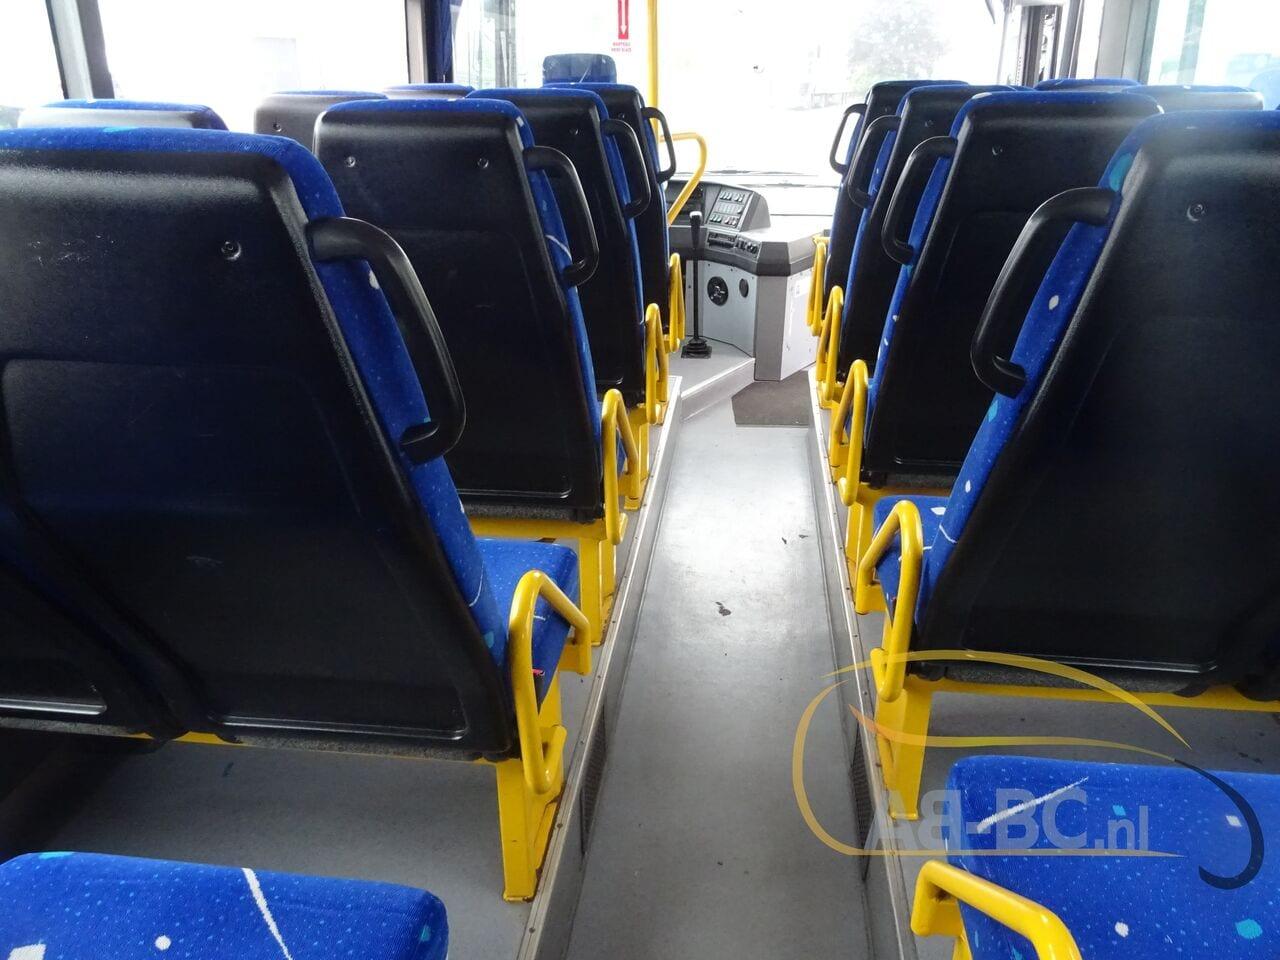 interurban-busIVECO-Irisbus-Recreo-64-Seats---1626160223316163448_big_b834233e9e035e8c7c67c02c10310b19--21071309575983154500